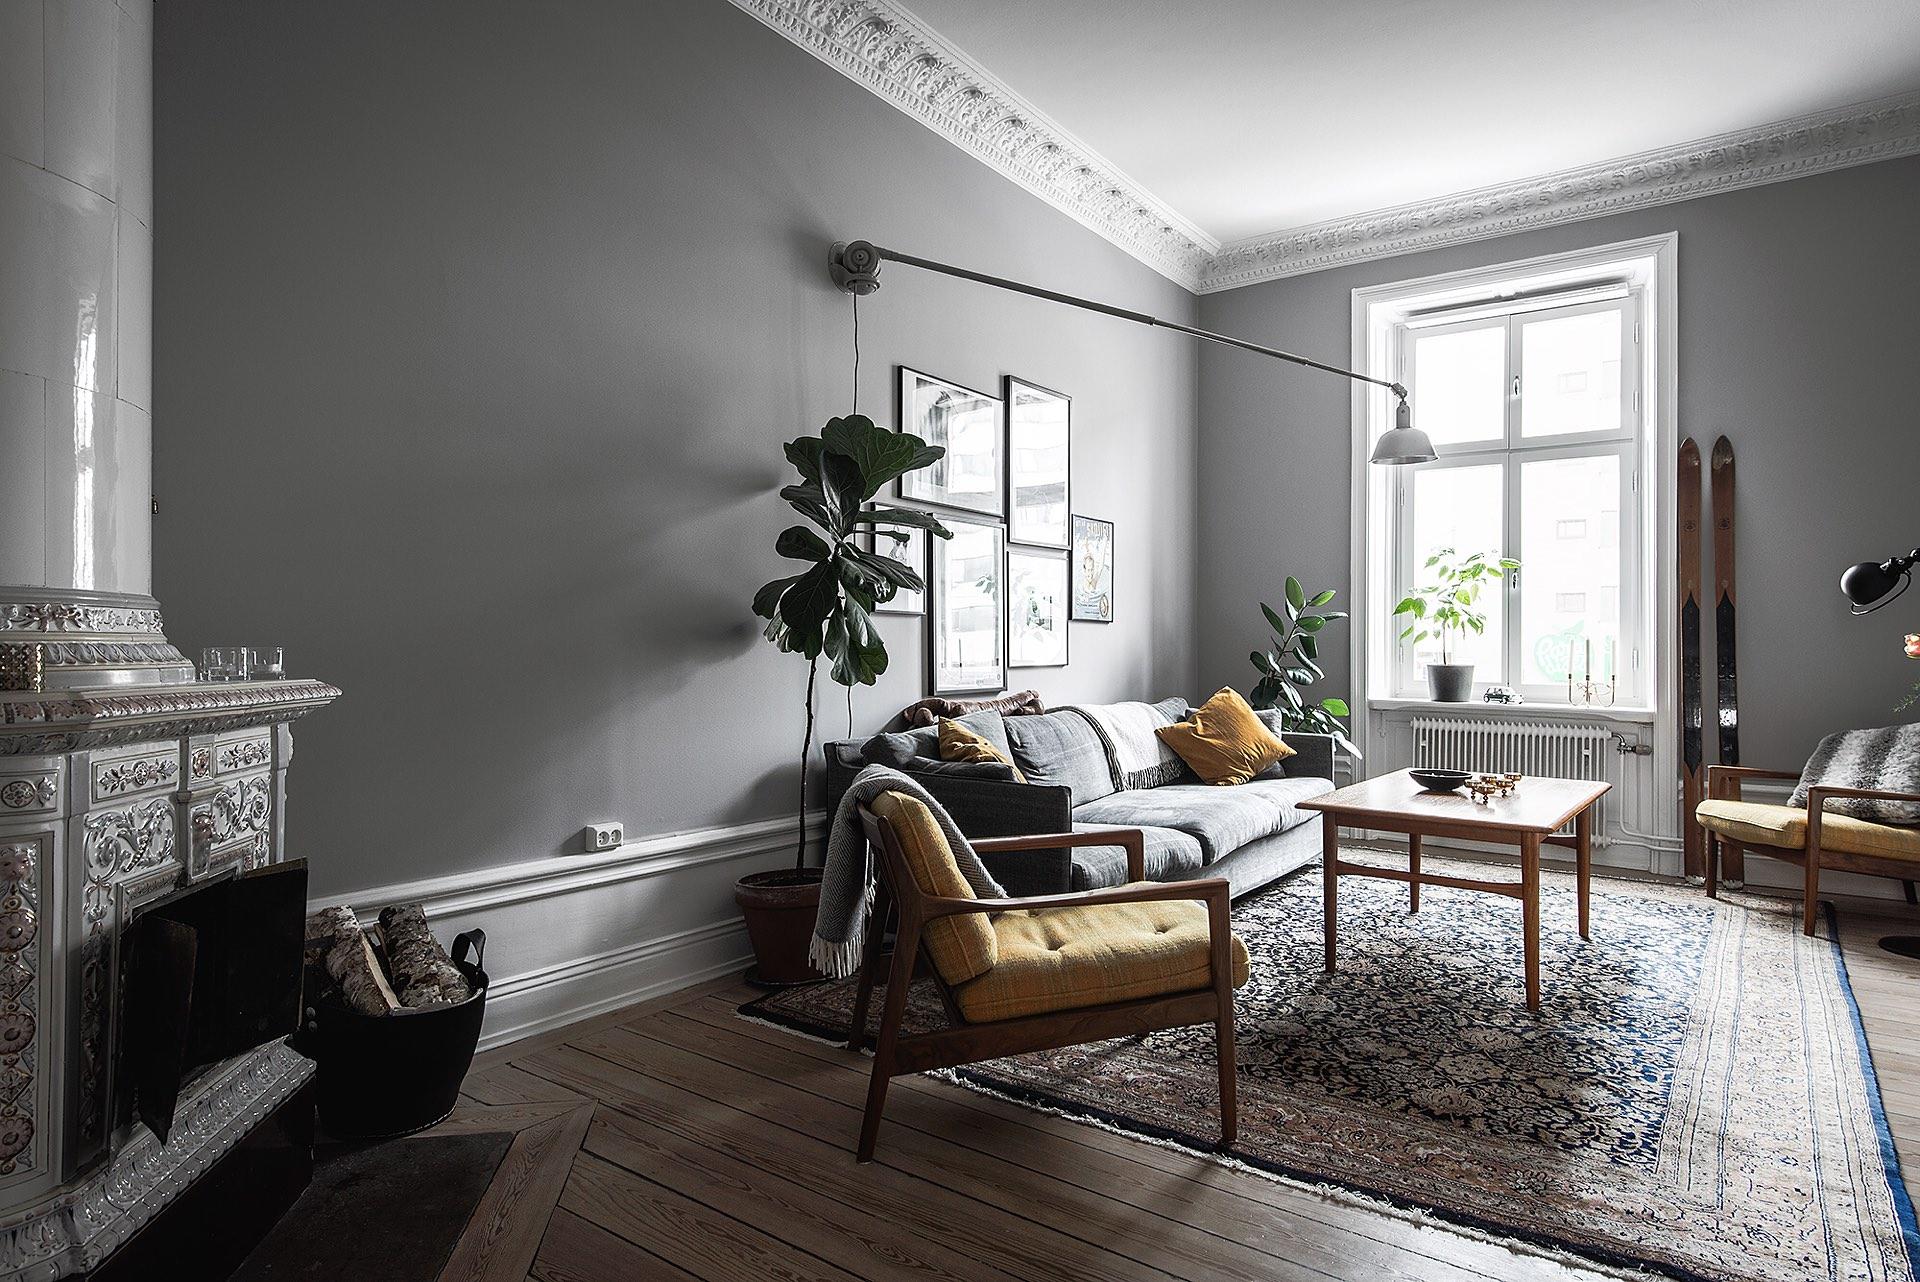 комната серые стены высокий плинтус израсцовая печь диван кресло ковер окно потолочный карниз гипсовая лепнина